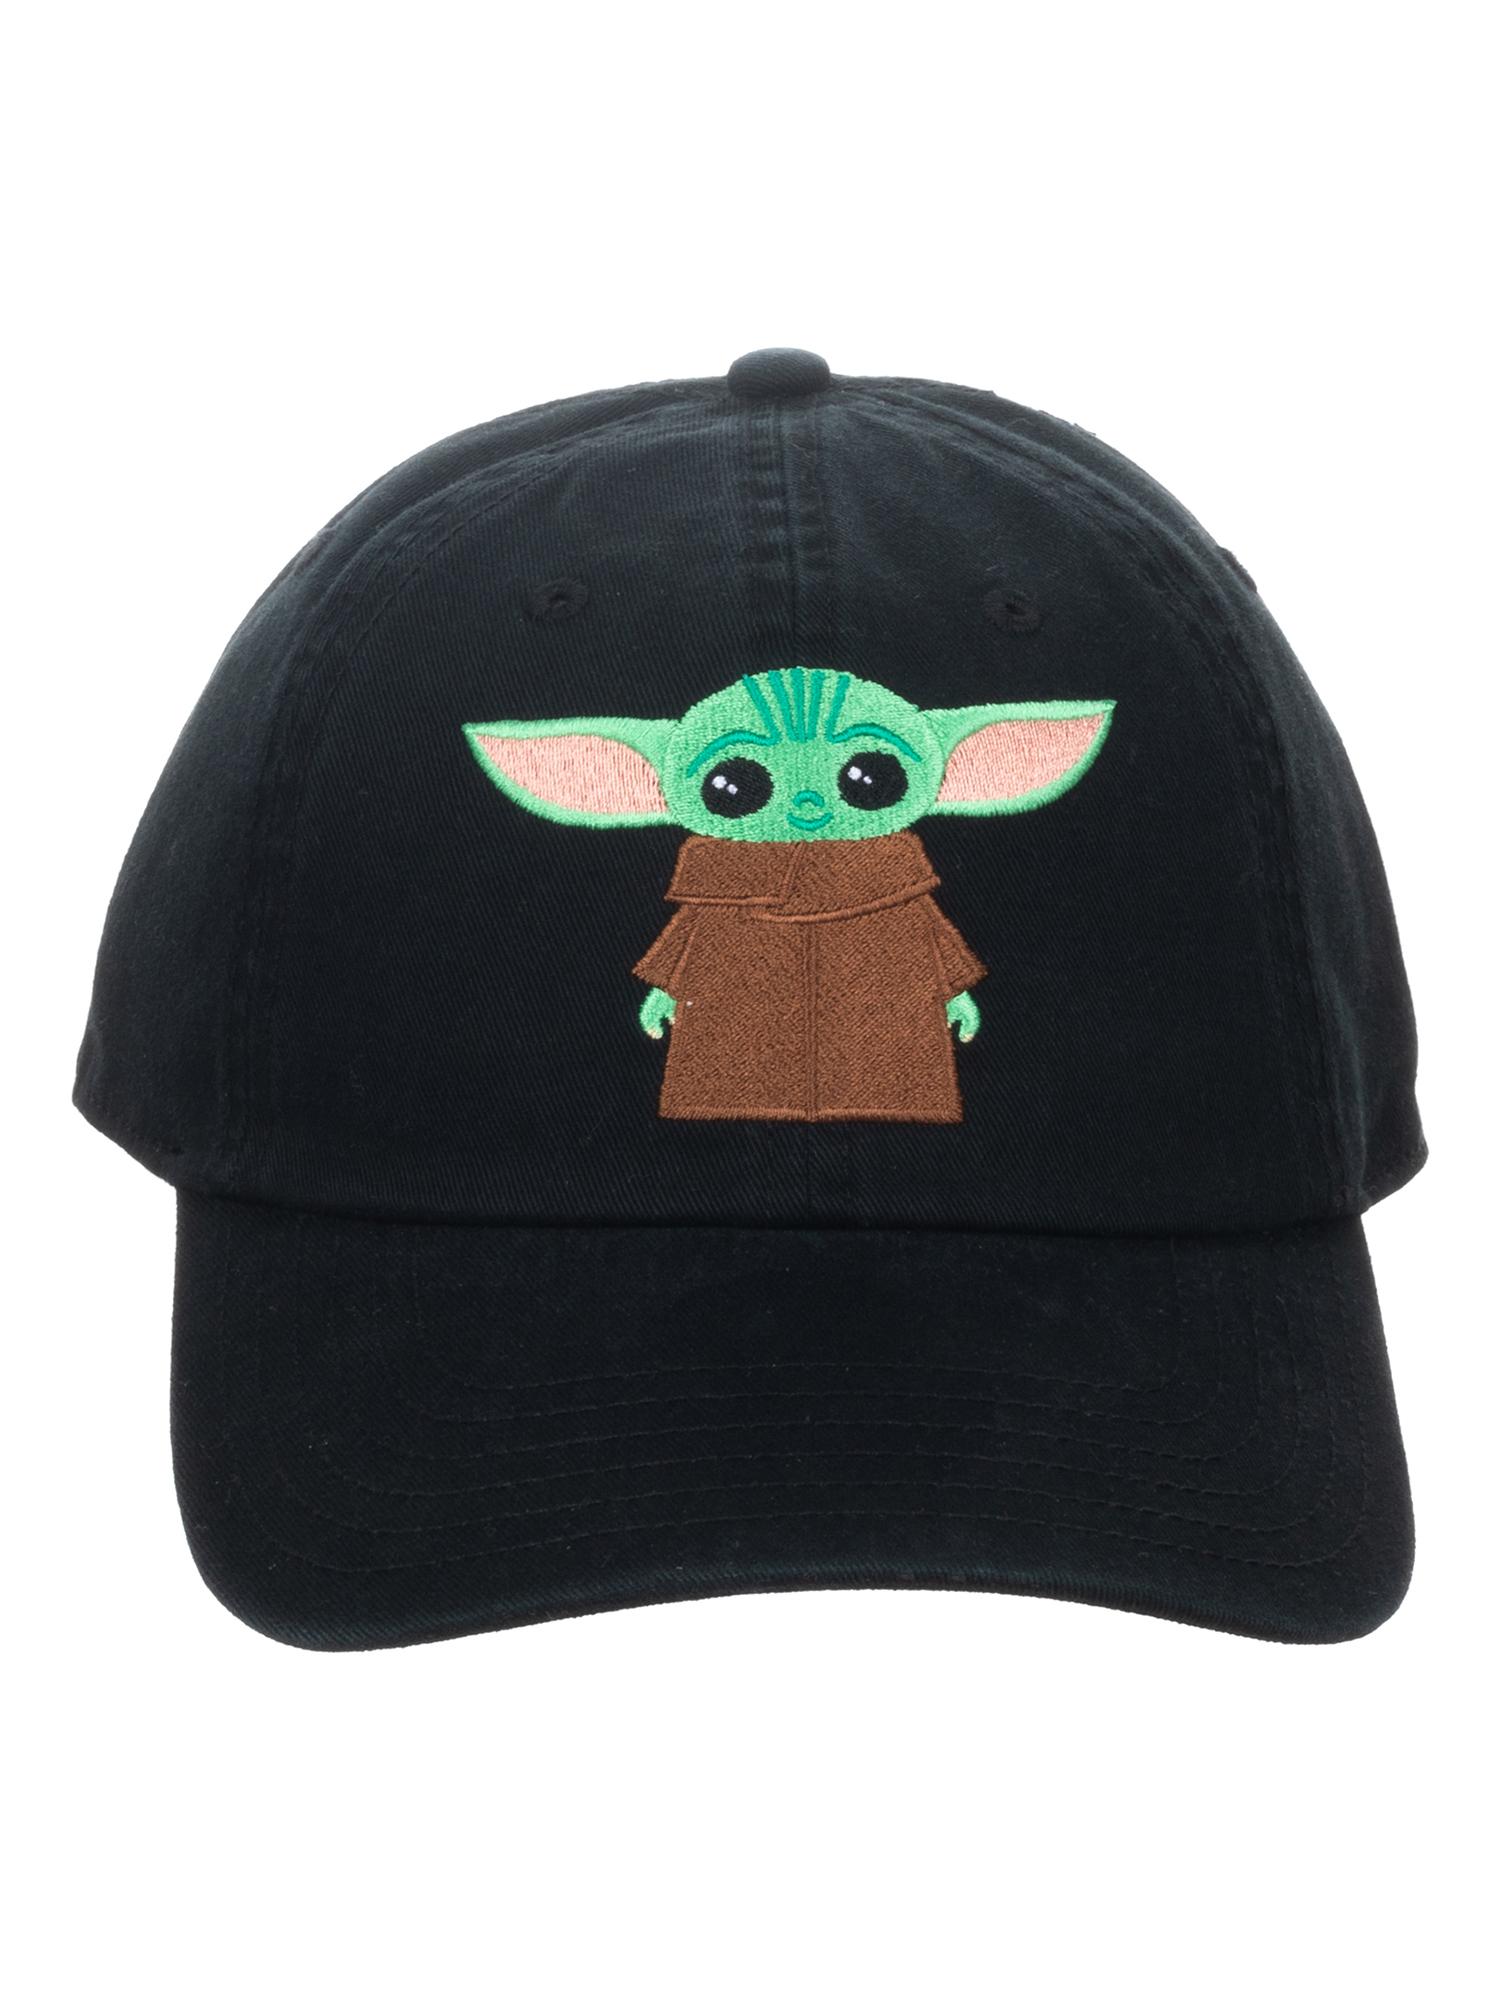 TM Baby Yoda (The Child) Black Hat 1